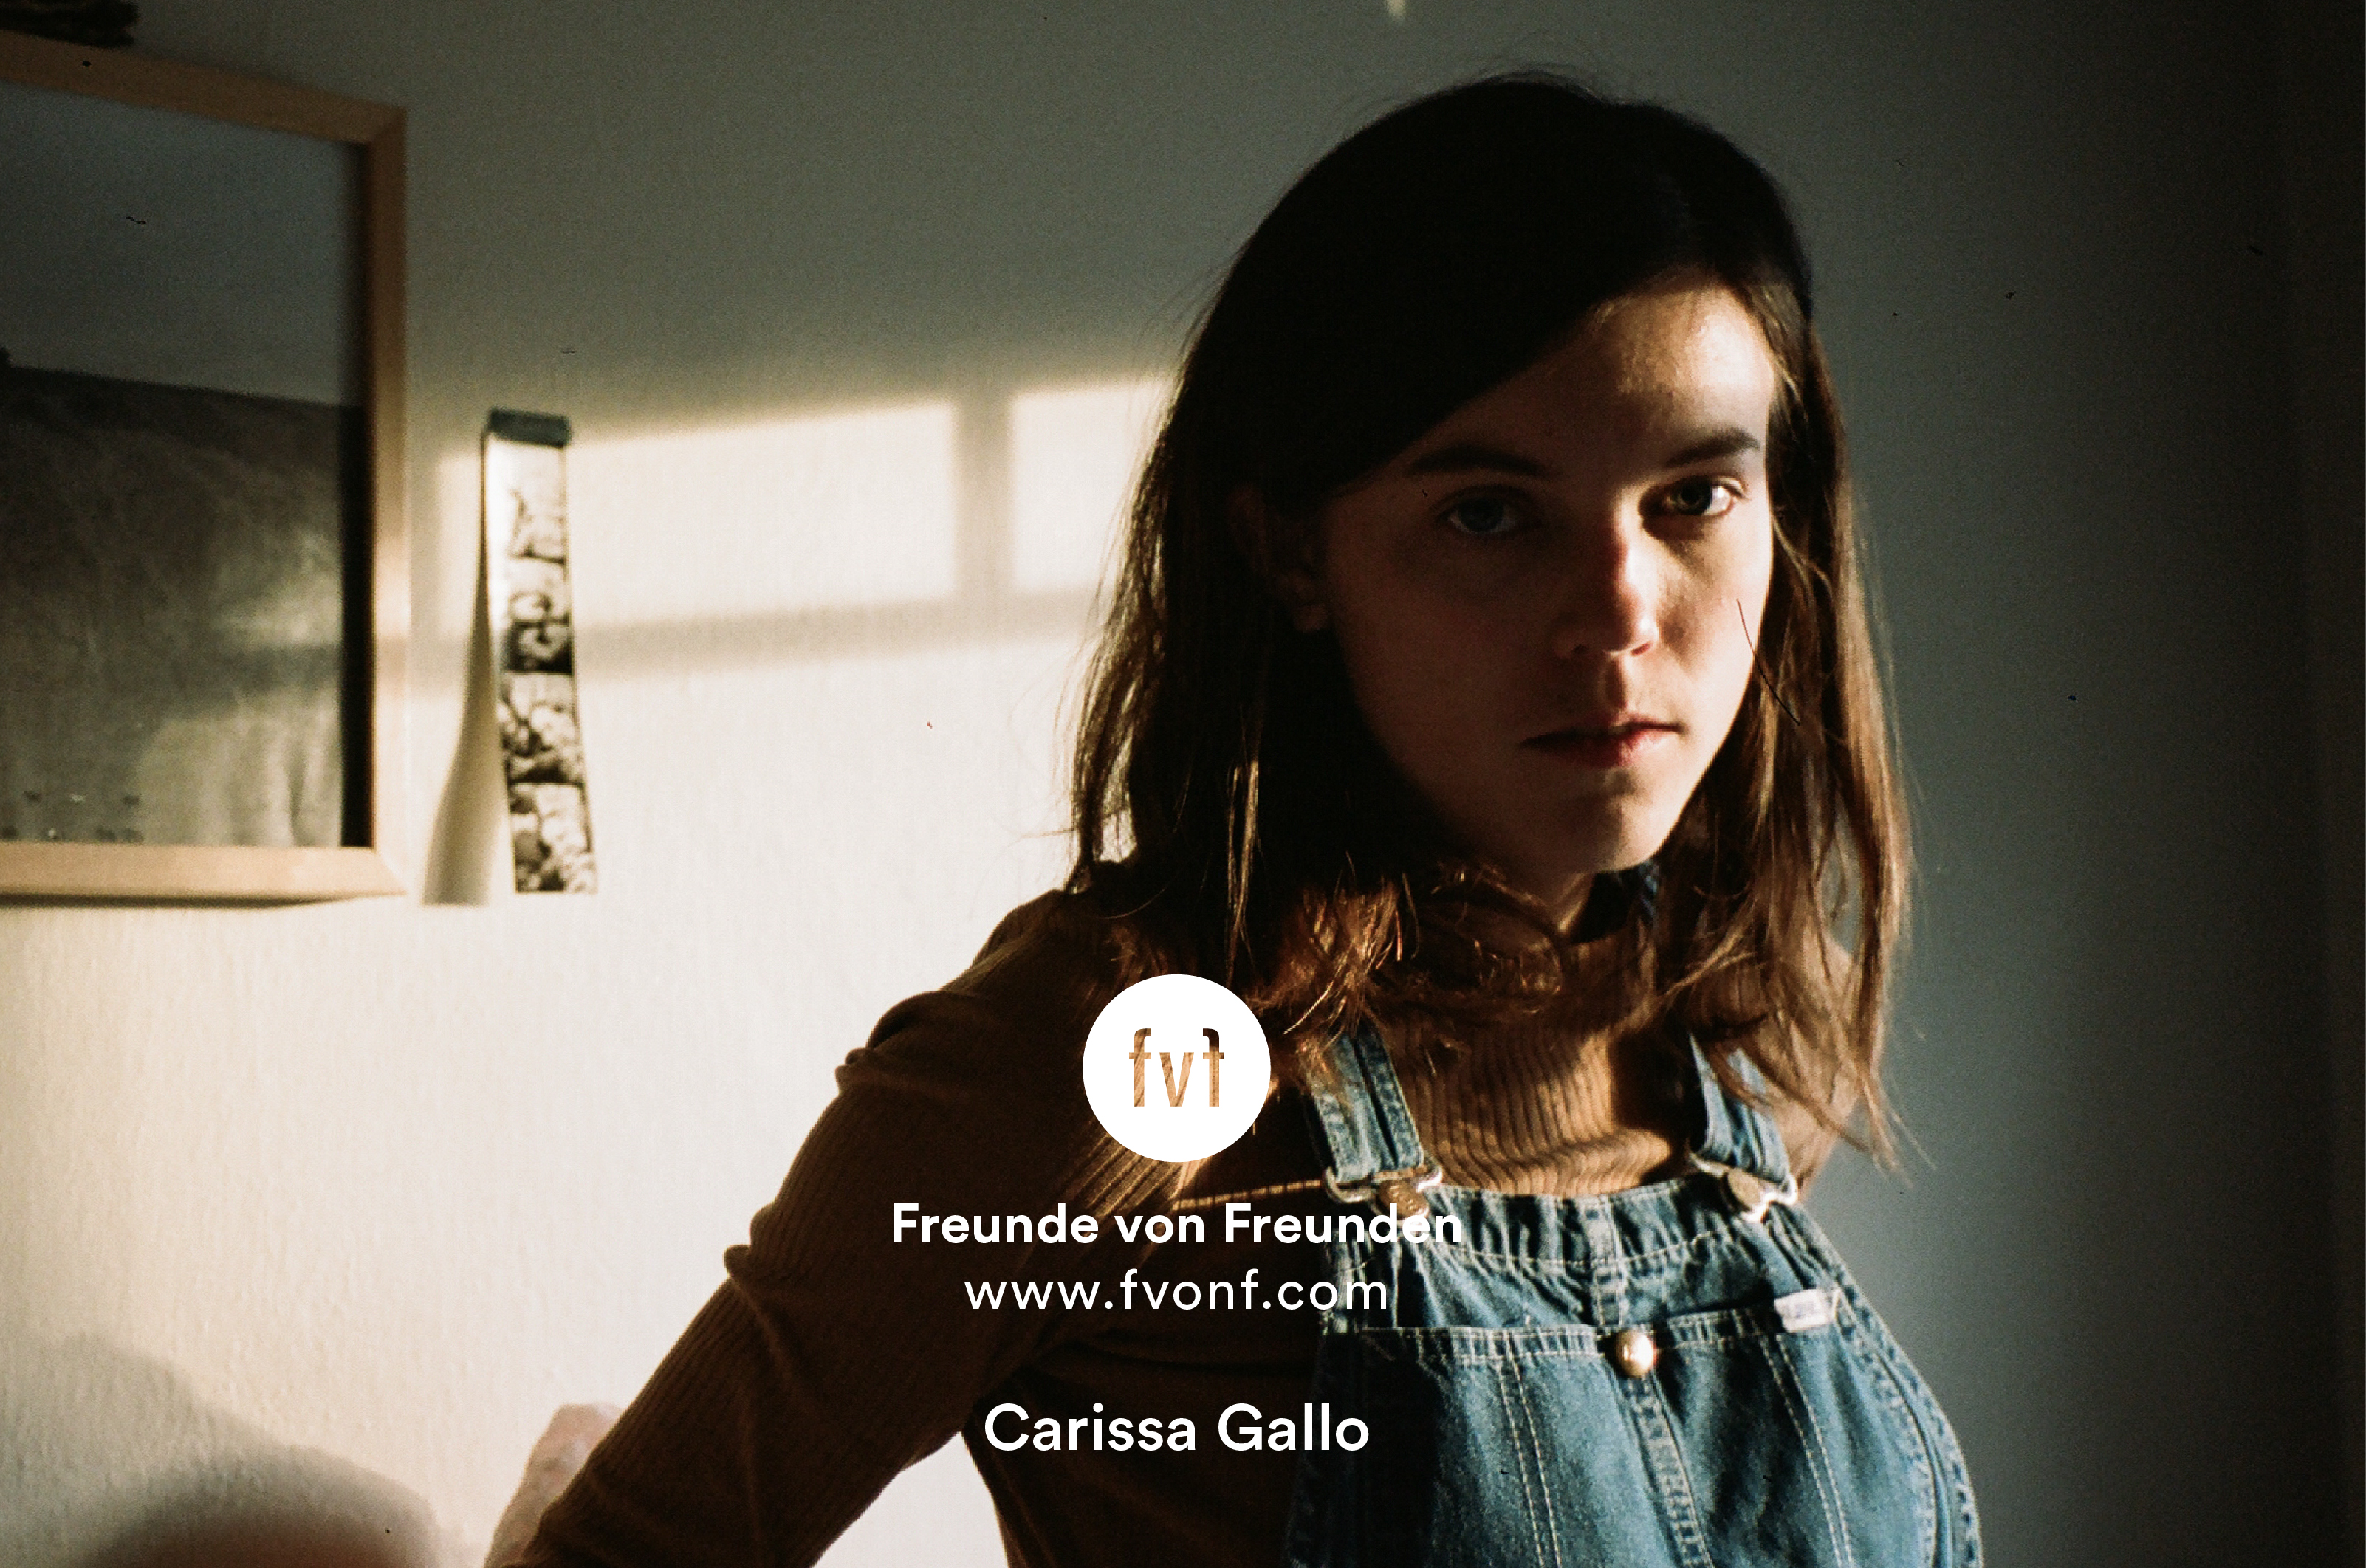 freunde-von-freunden-carissa-gallo-004